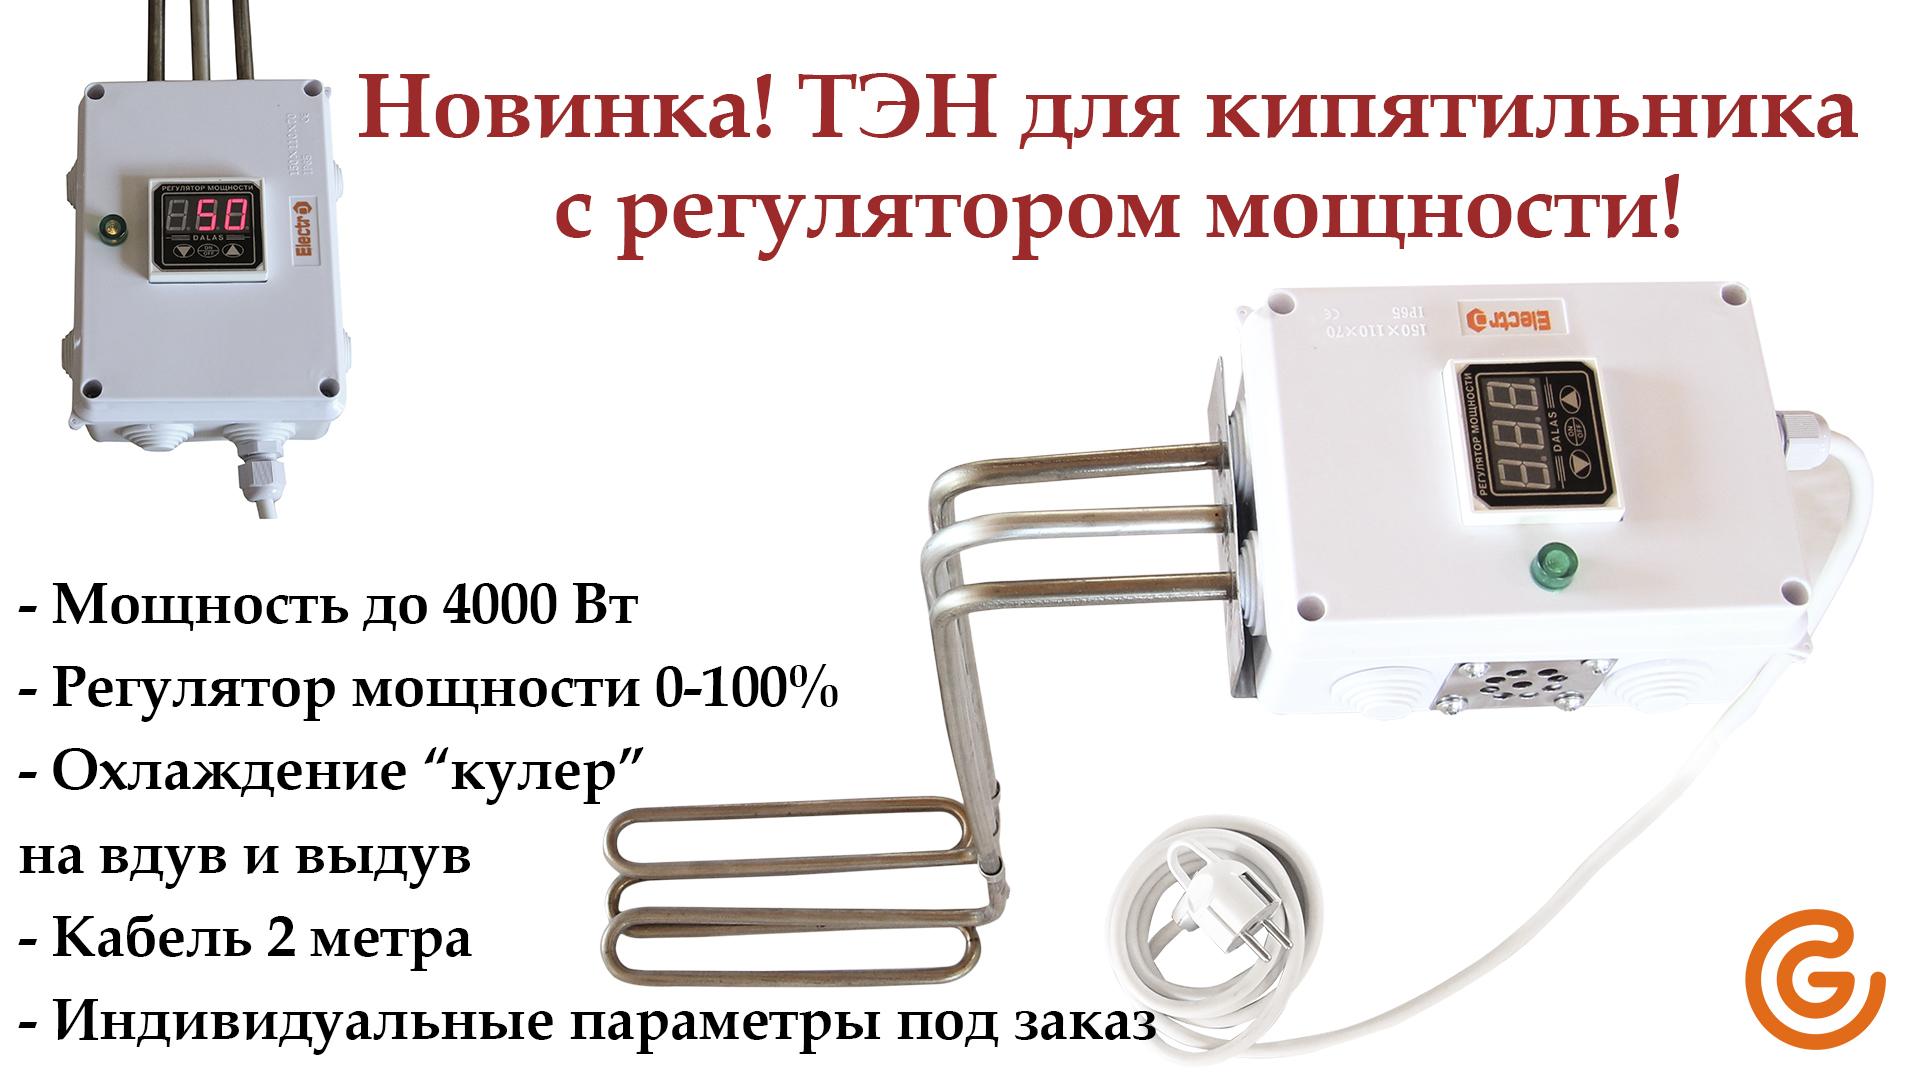 ТЭН для кипятильника с регулятором мощности